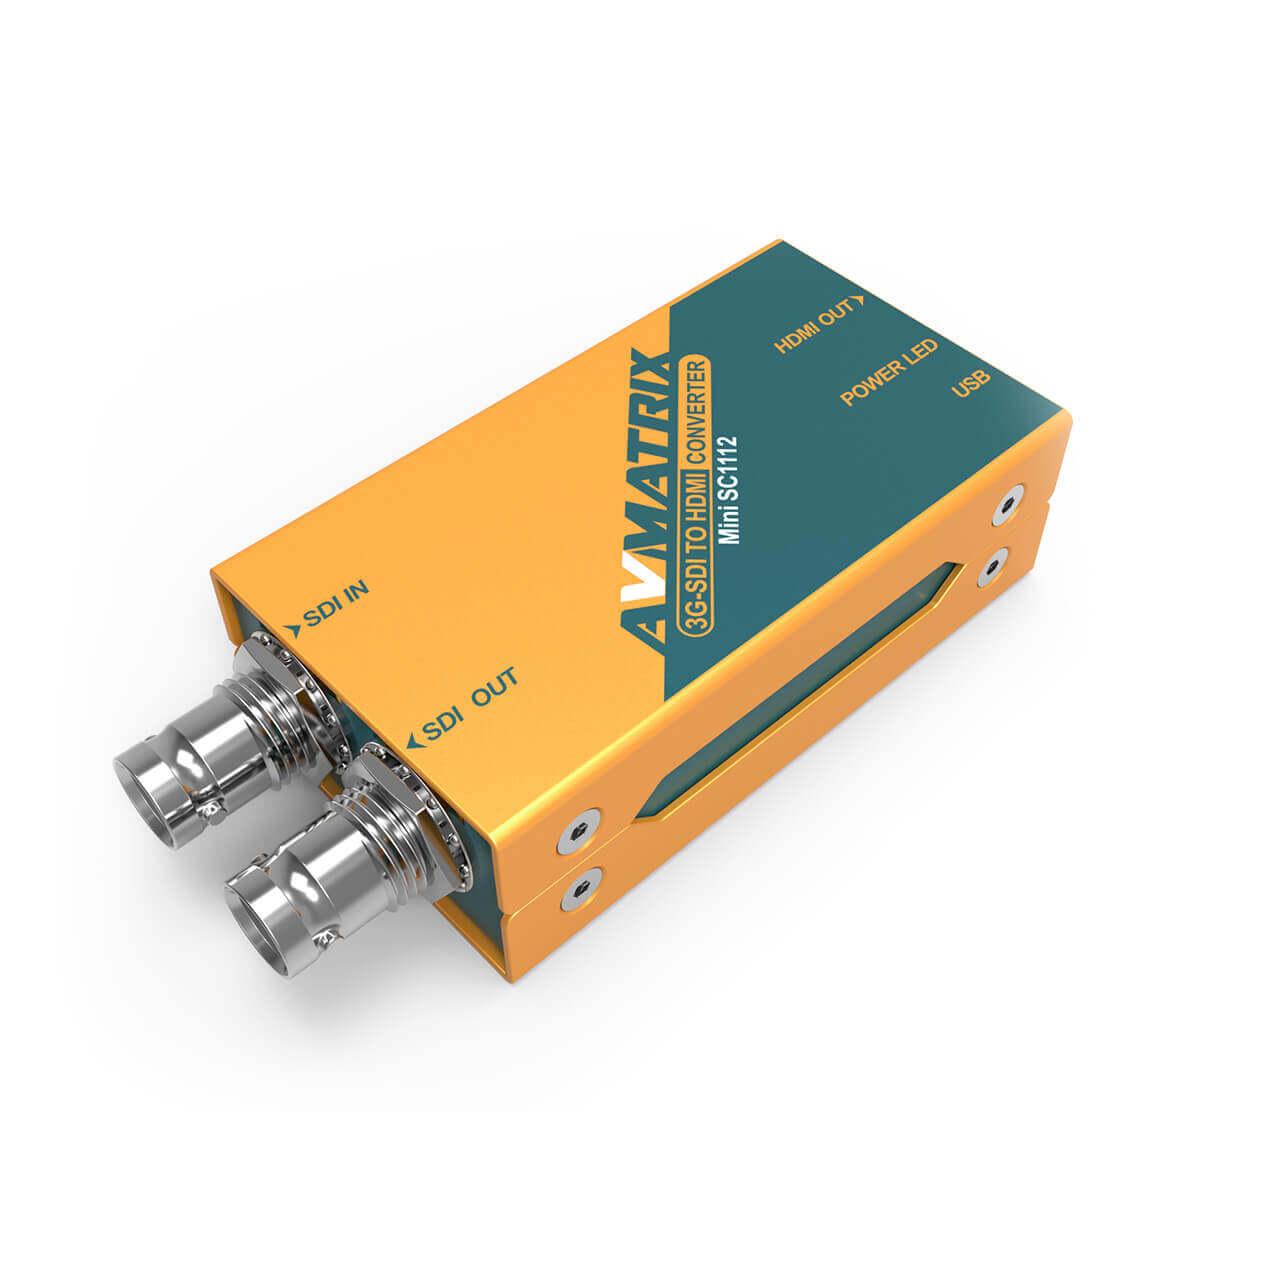 Artikelfoto AVMATRIX Mini SC1112 3G-SDI zu HDMi Wandler